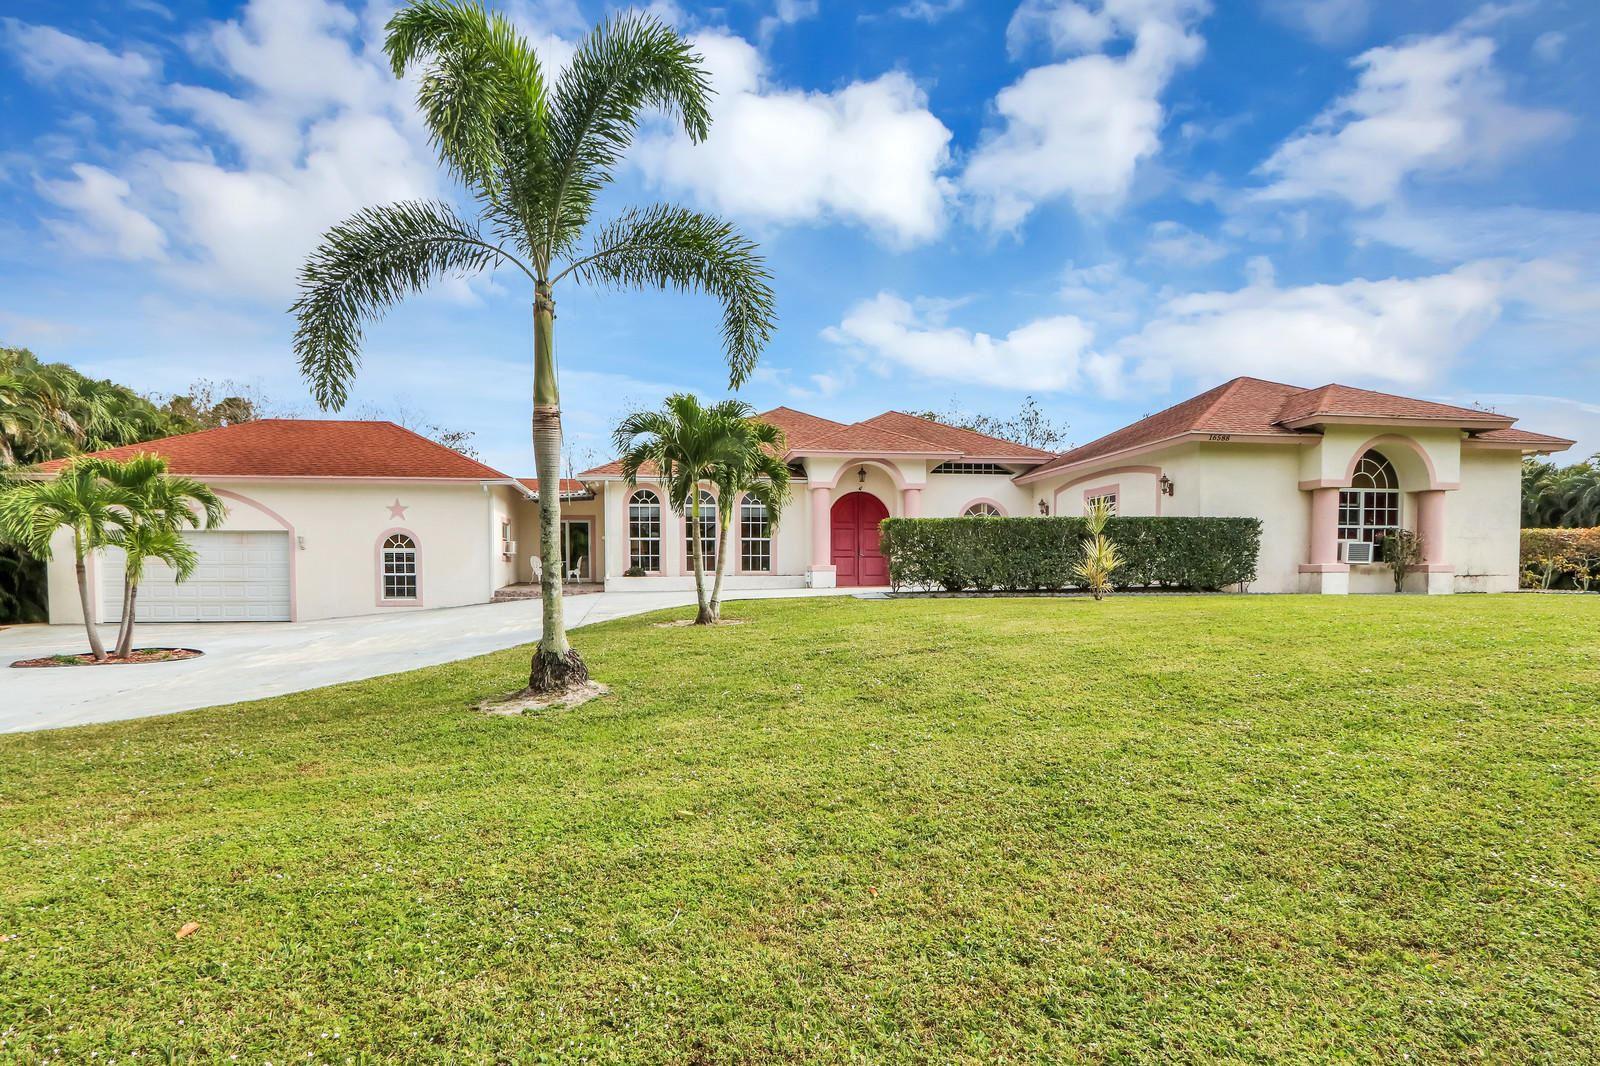 16588 78th Drive N, West Palm Beach, FL 33418 - #: RX-10656237